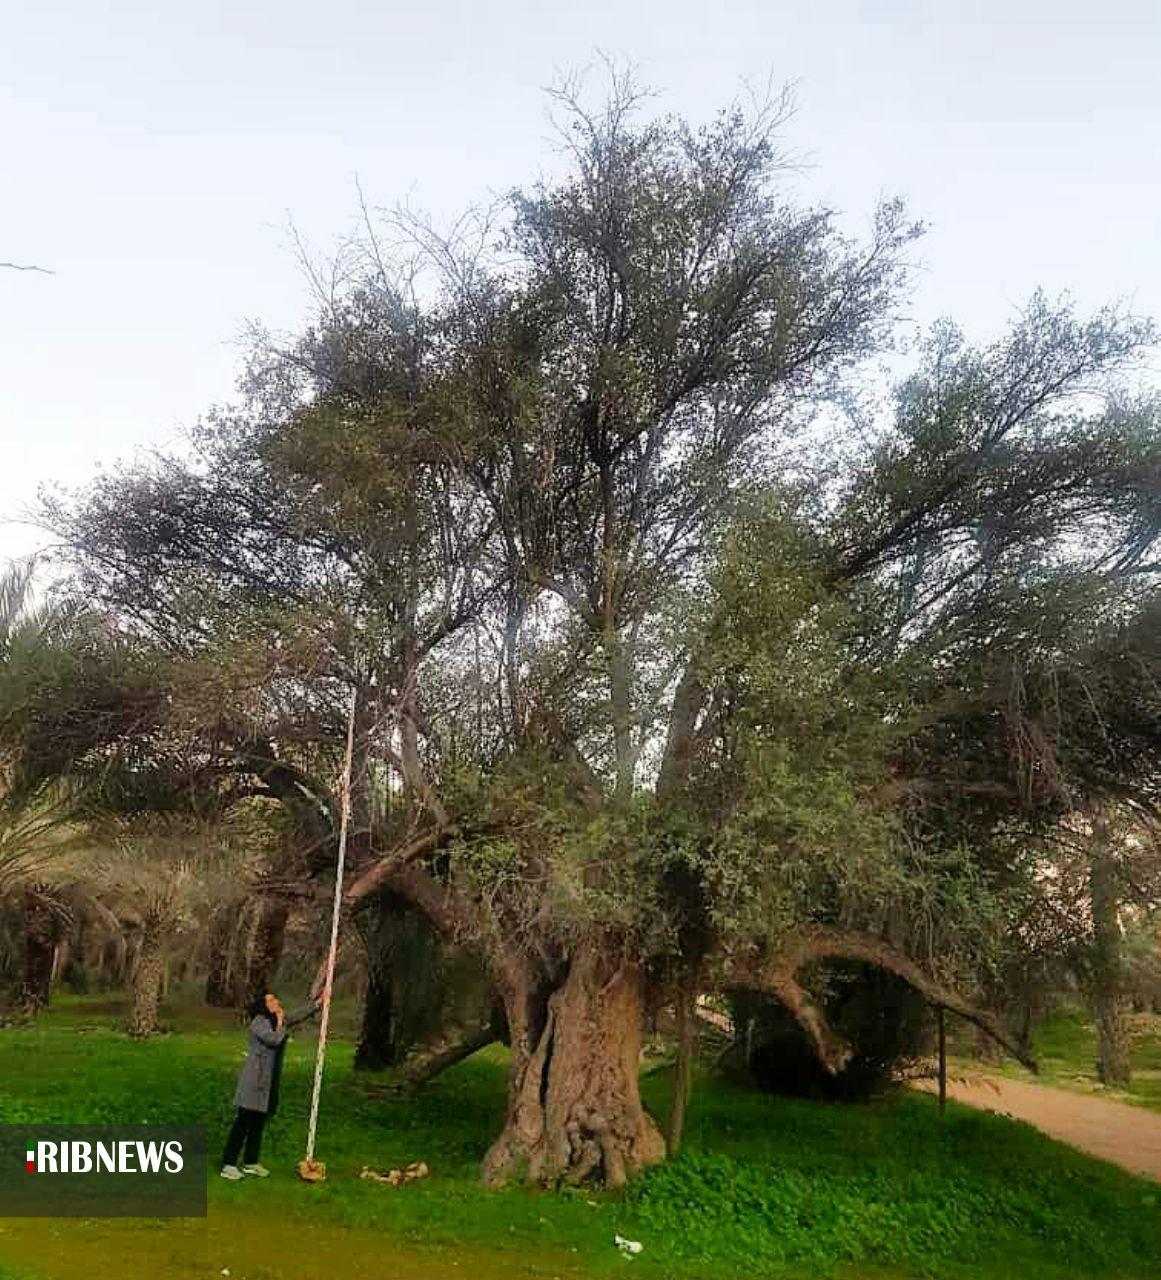 ثبت ملی ۵ اثر طبیعی استان بوشهر